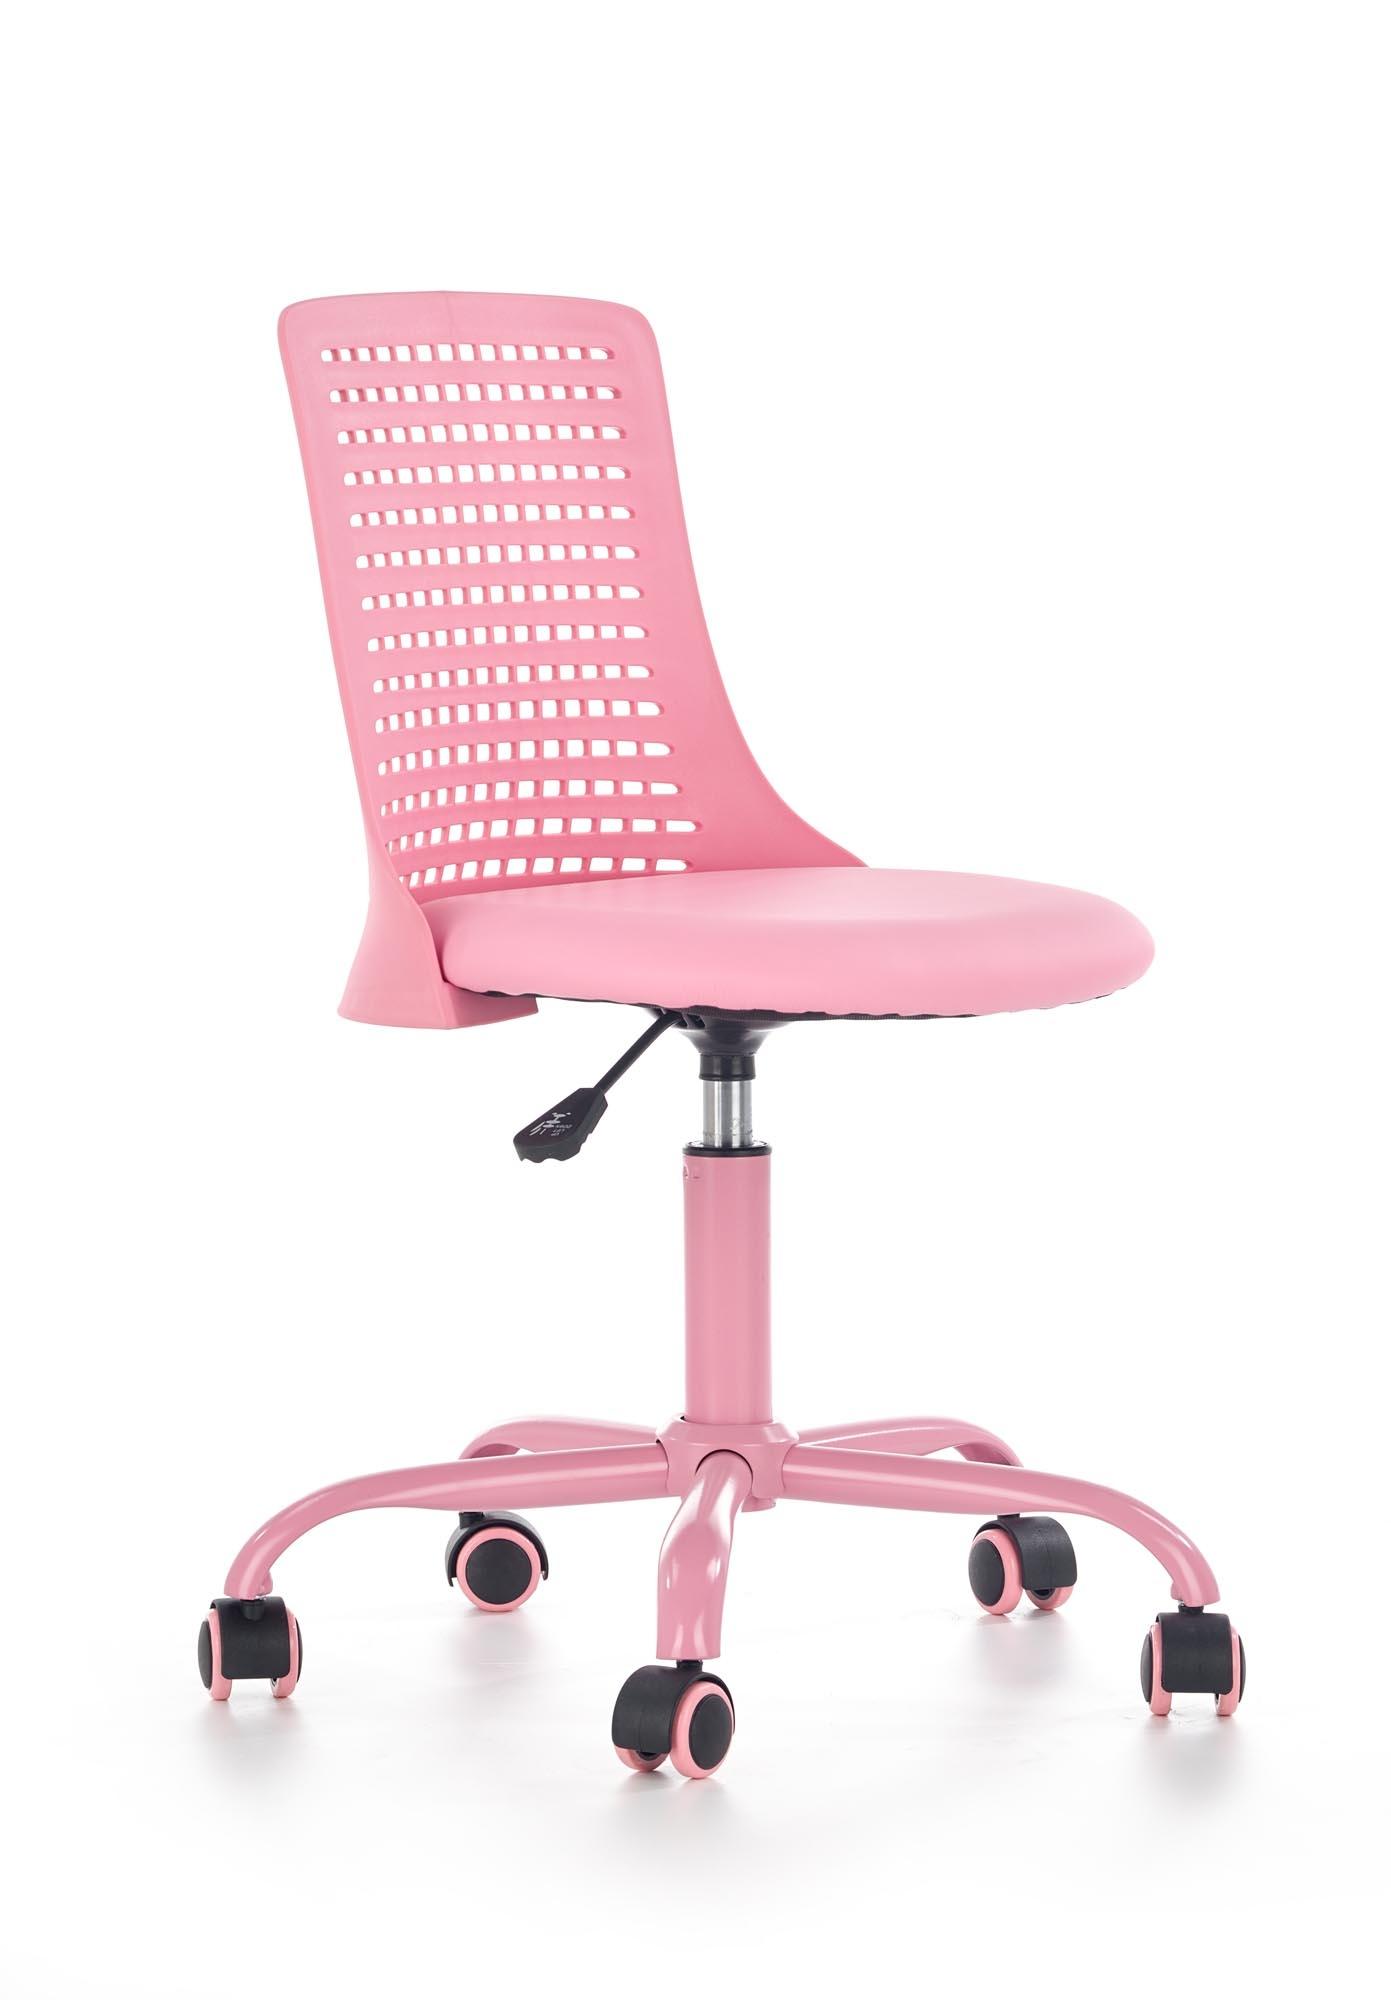 Scaun de birou pentru copii, din plastic tapitat cu piele ecologica Pure Roz, l43xA42xH78-89 cm poza